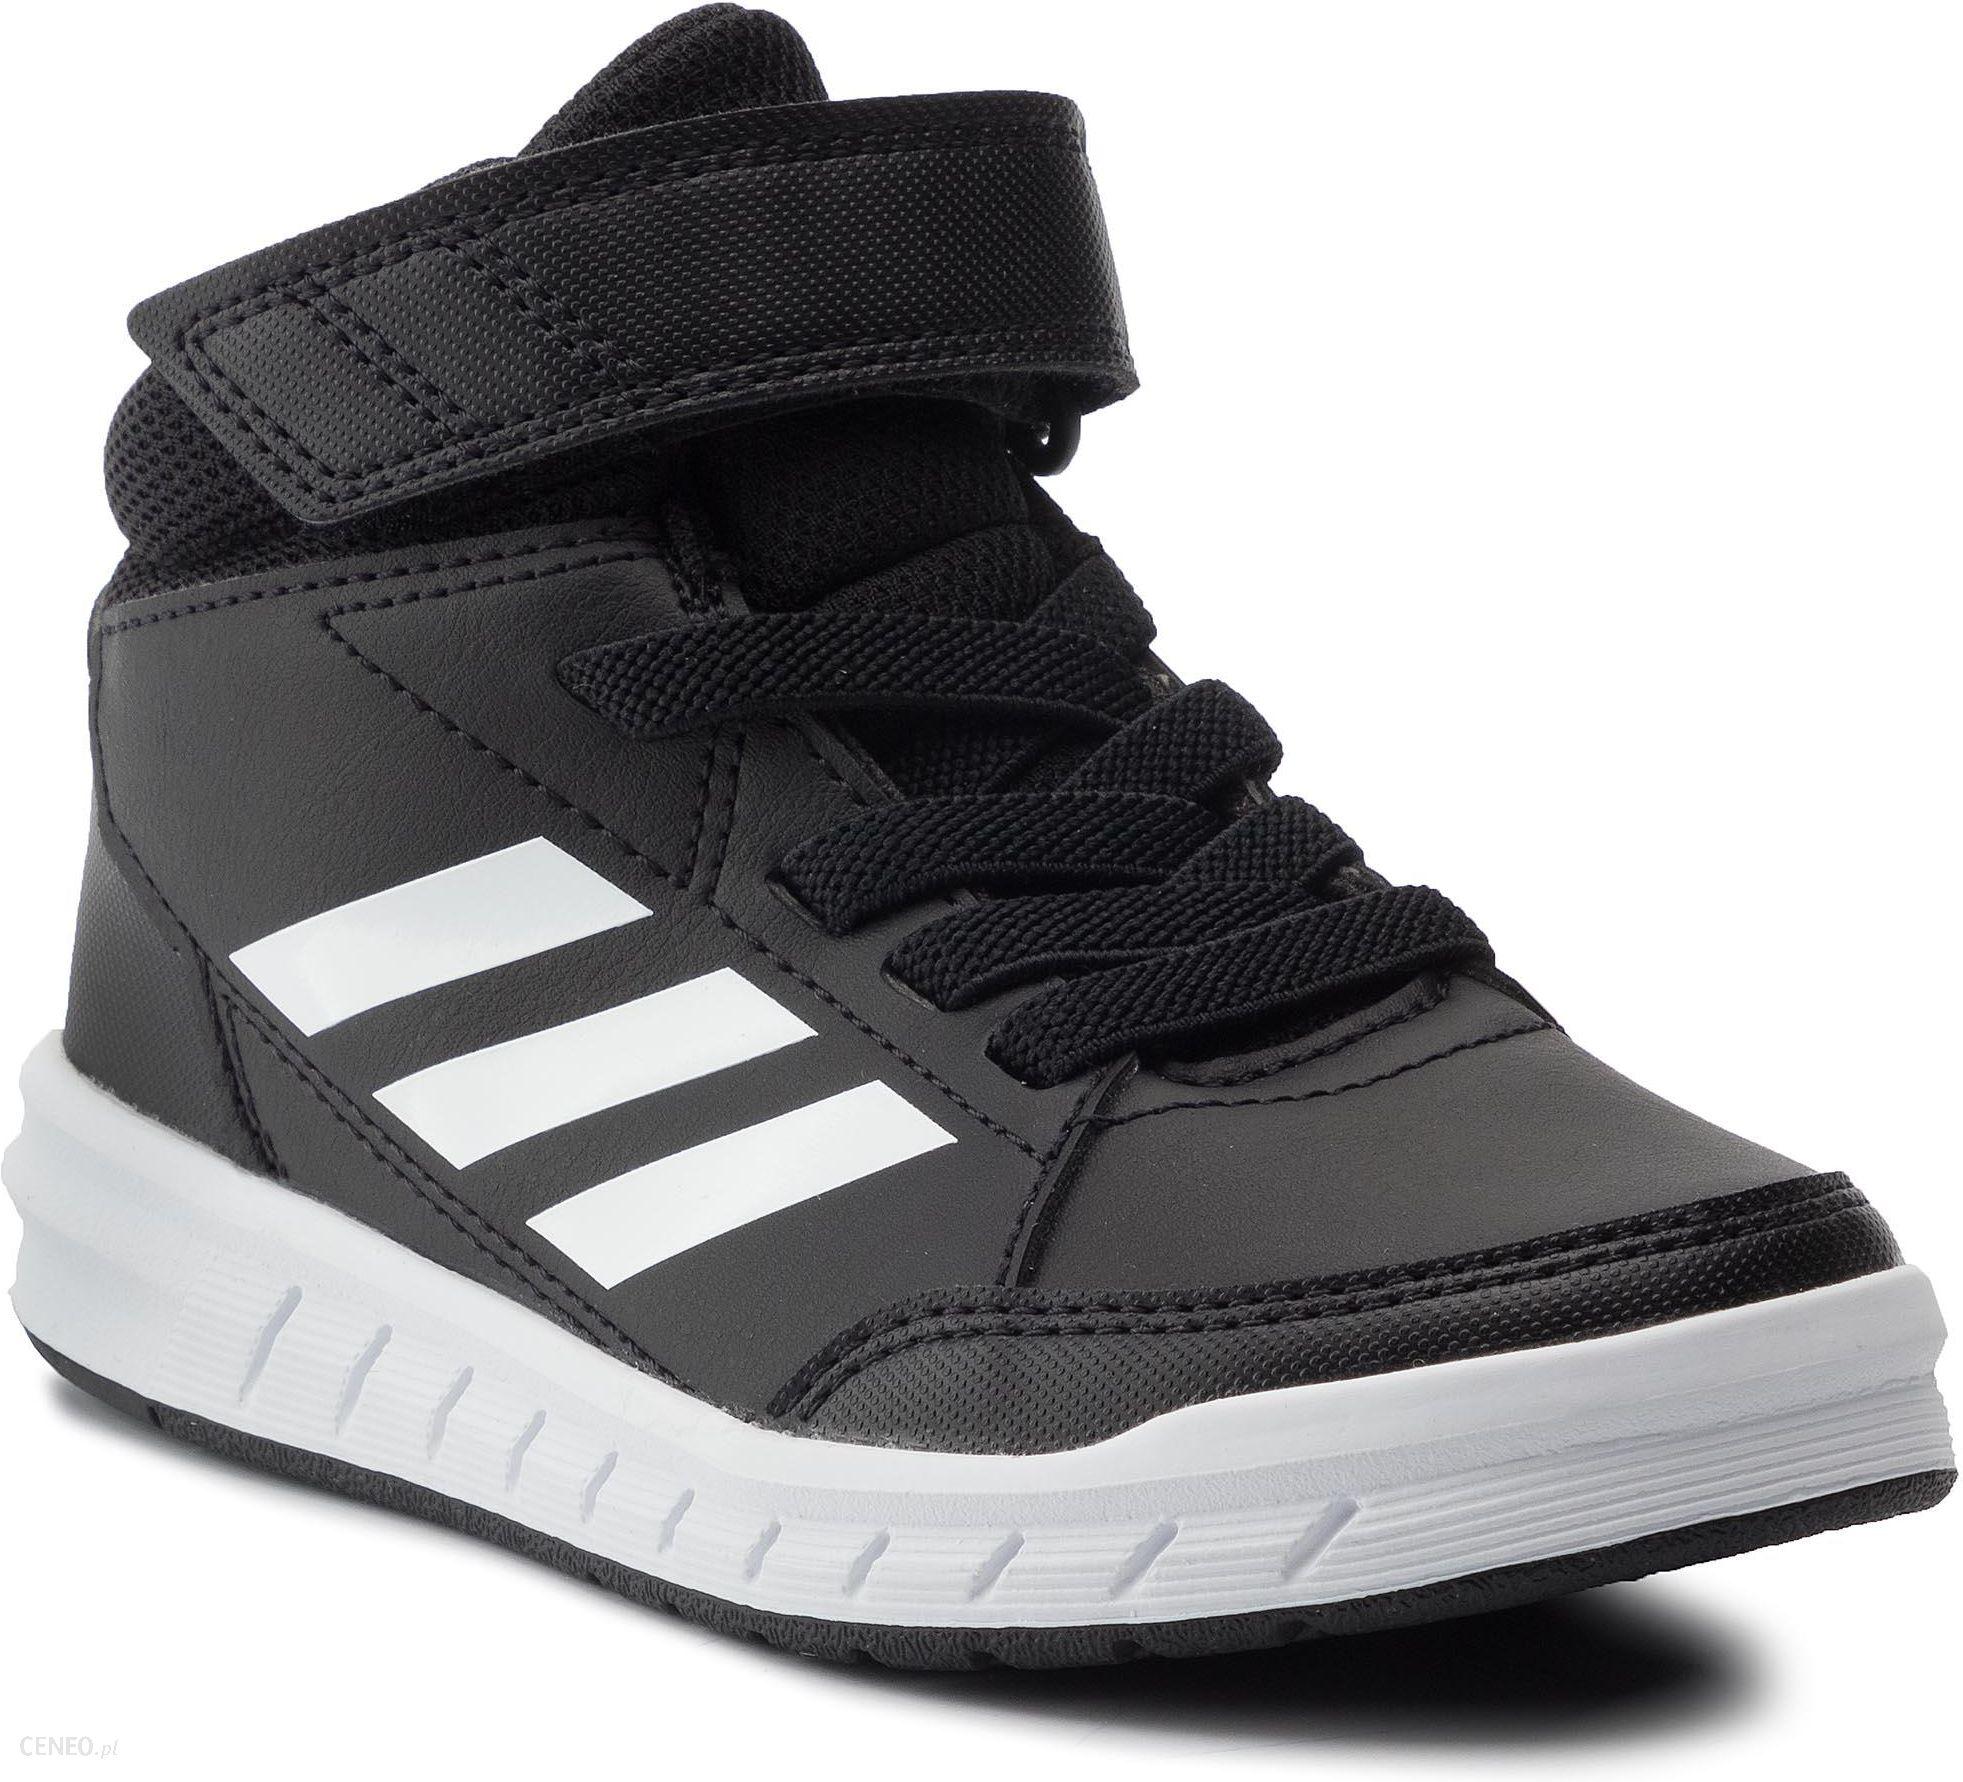 Buty adidas - AltaSport Mid K G27113 Cblack/Ftwwht/Ftwwht - Ceny i opinie -  Ceneo.pl